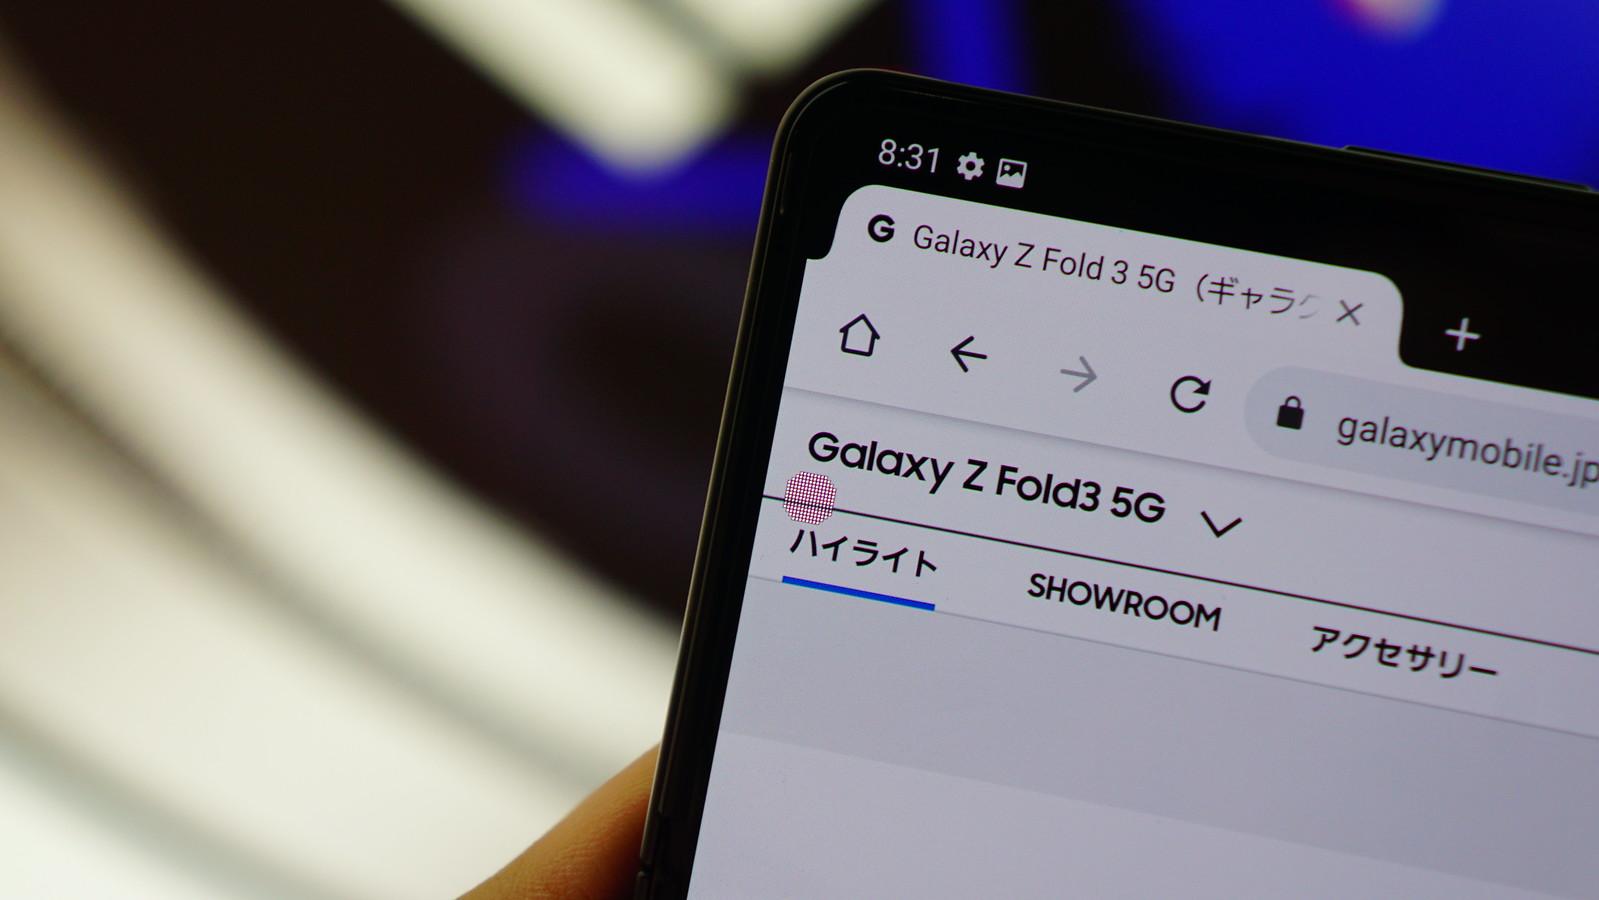 Galaxy Z Fold3 5G フォトレビュー|UPC